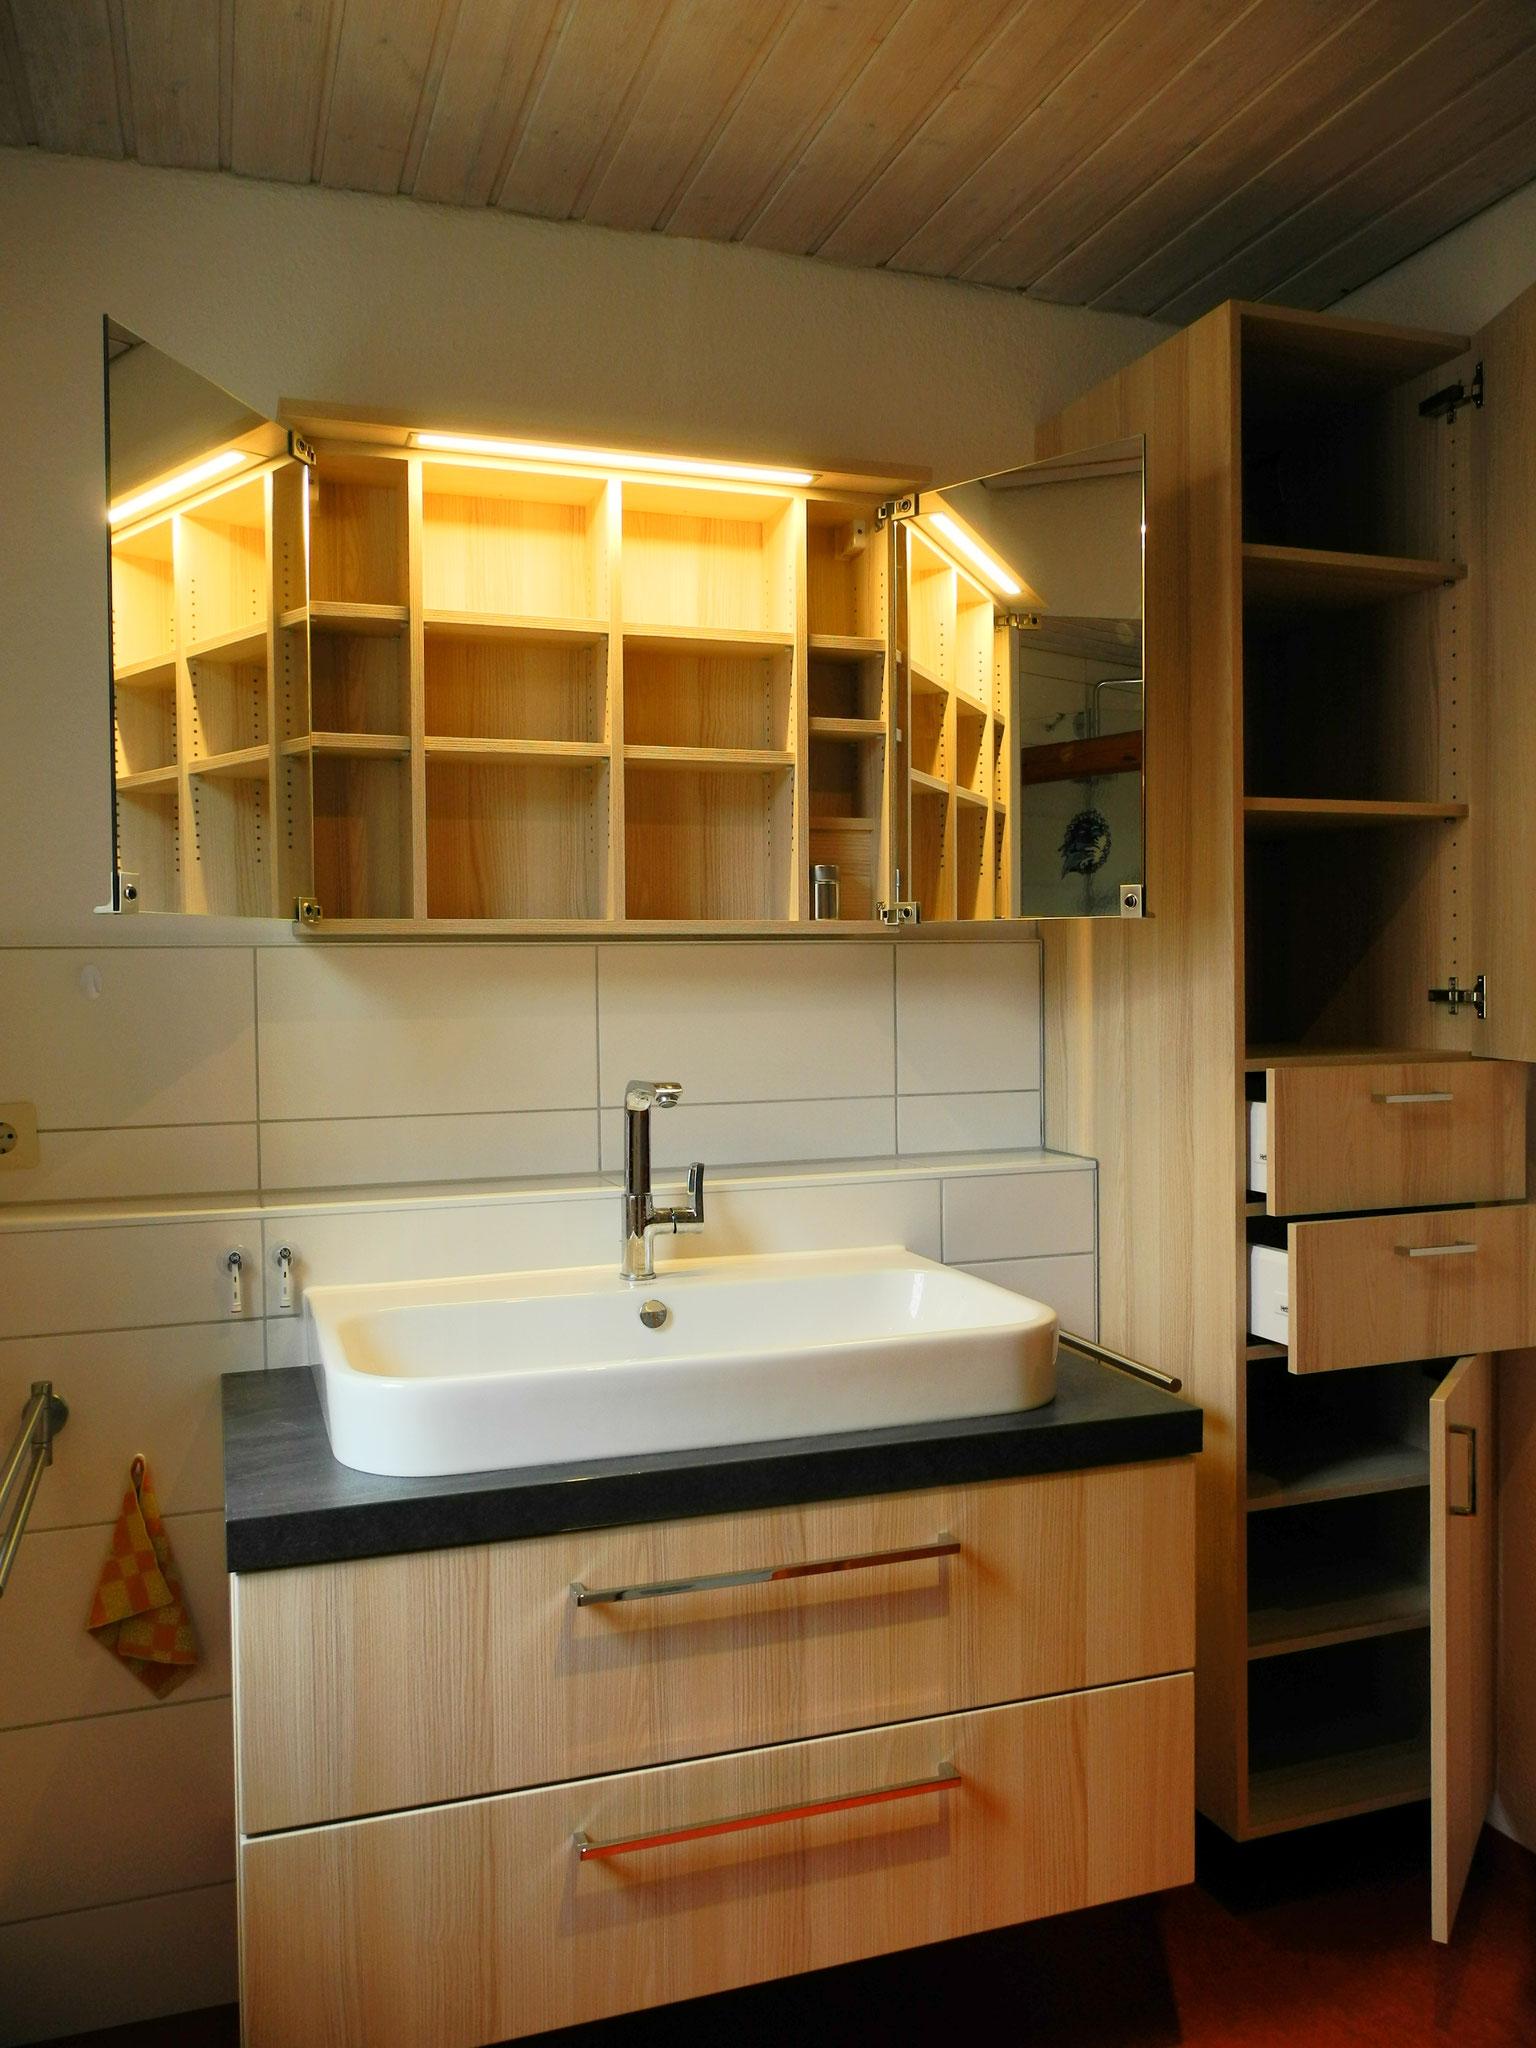 Spiegelschränkchen mit Leuchte und hängender Schrank, passend zum Waschtisch, offen